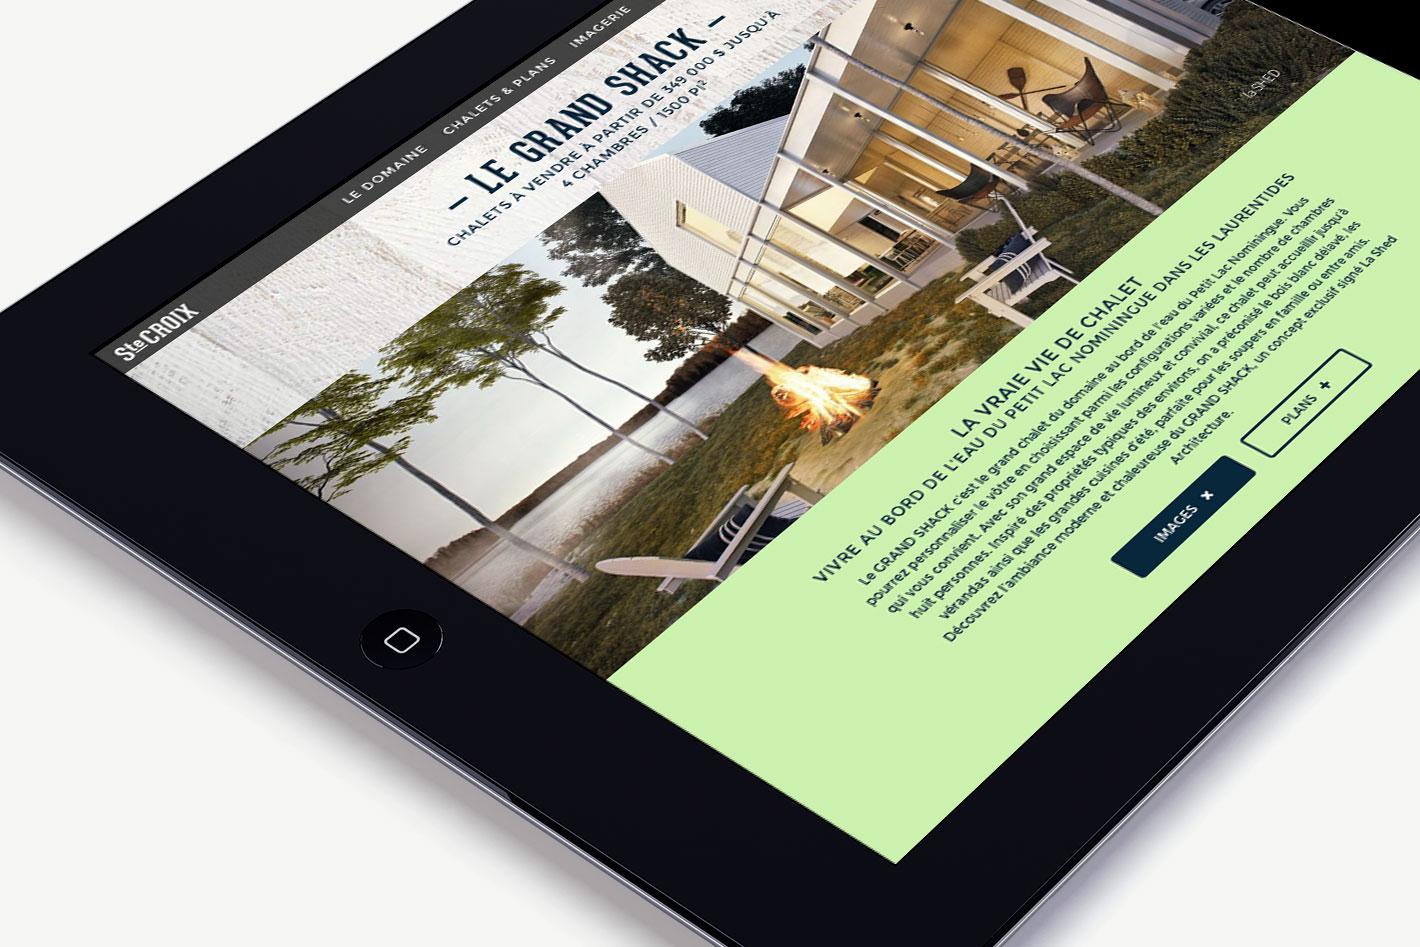 Domaine_IMGS_1420x947-iPad-Angle